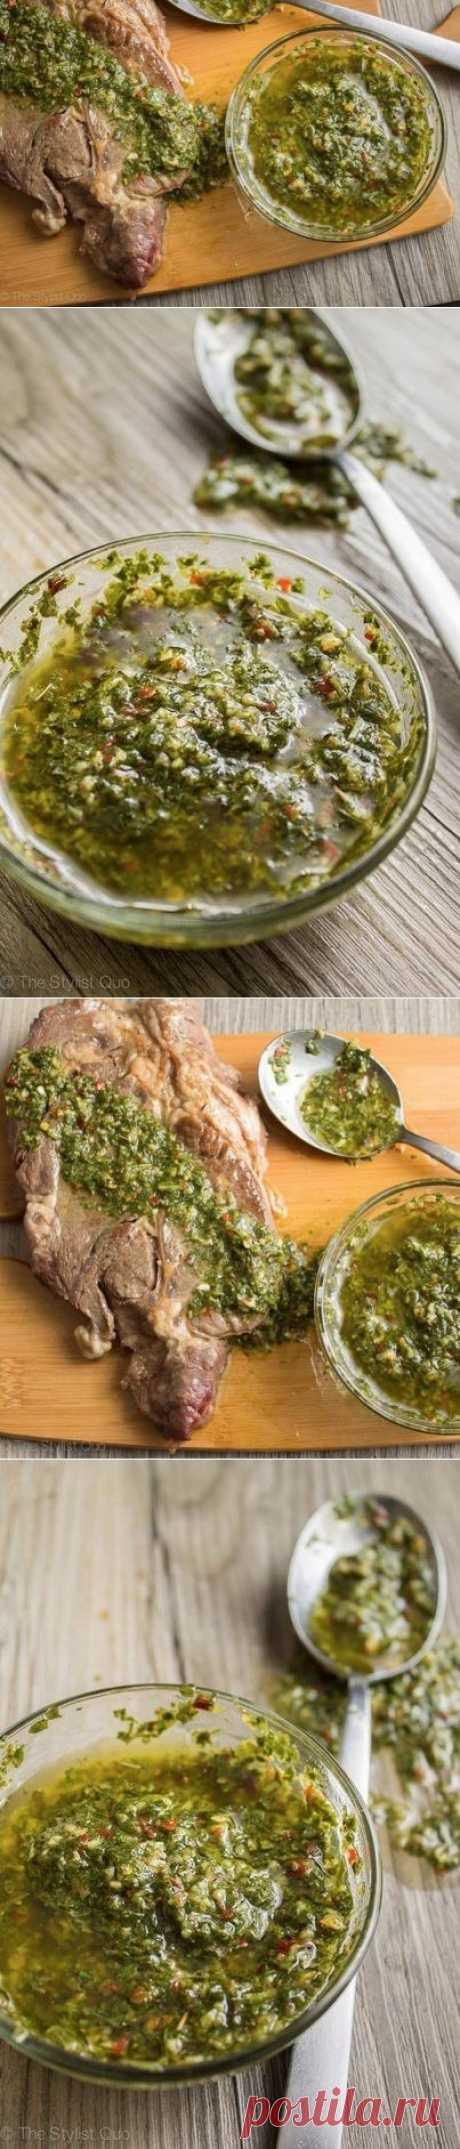 Как приготовить соус чимичурри (chimichurri sauce) - рецепт, ингридиенты и фотографии